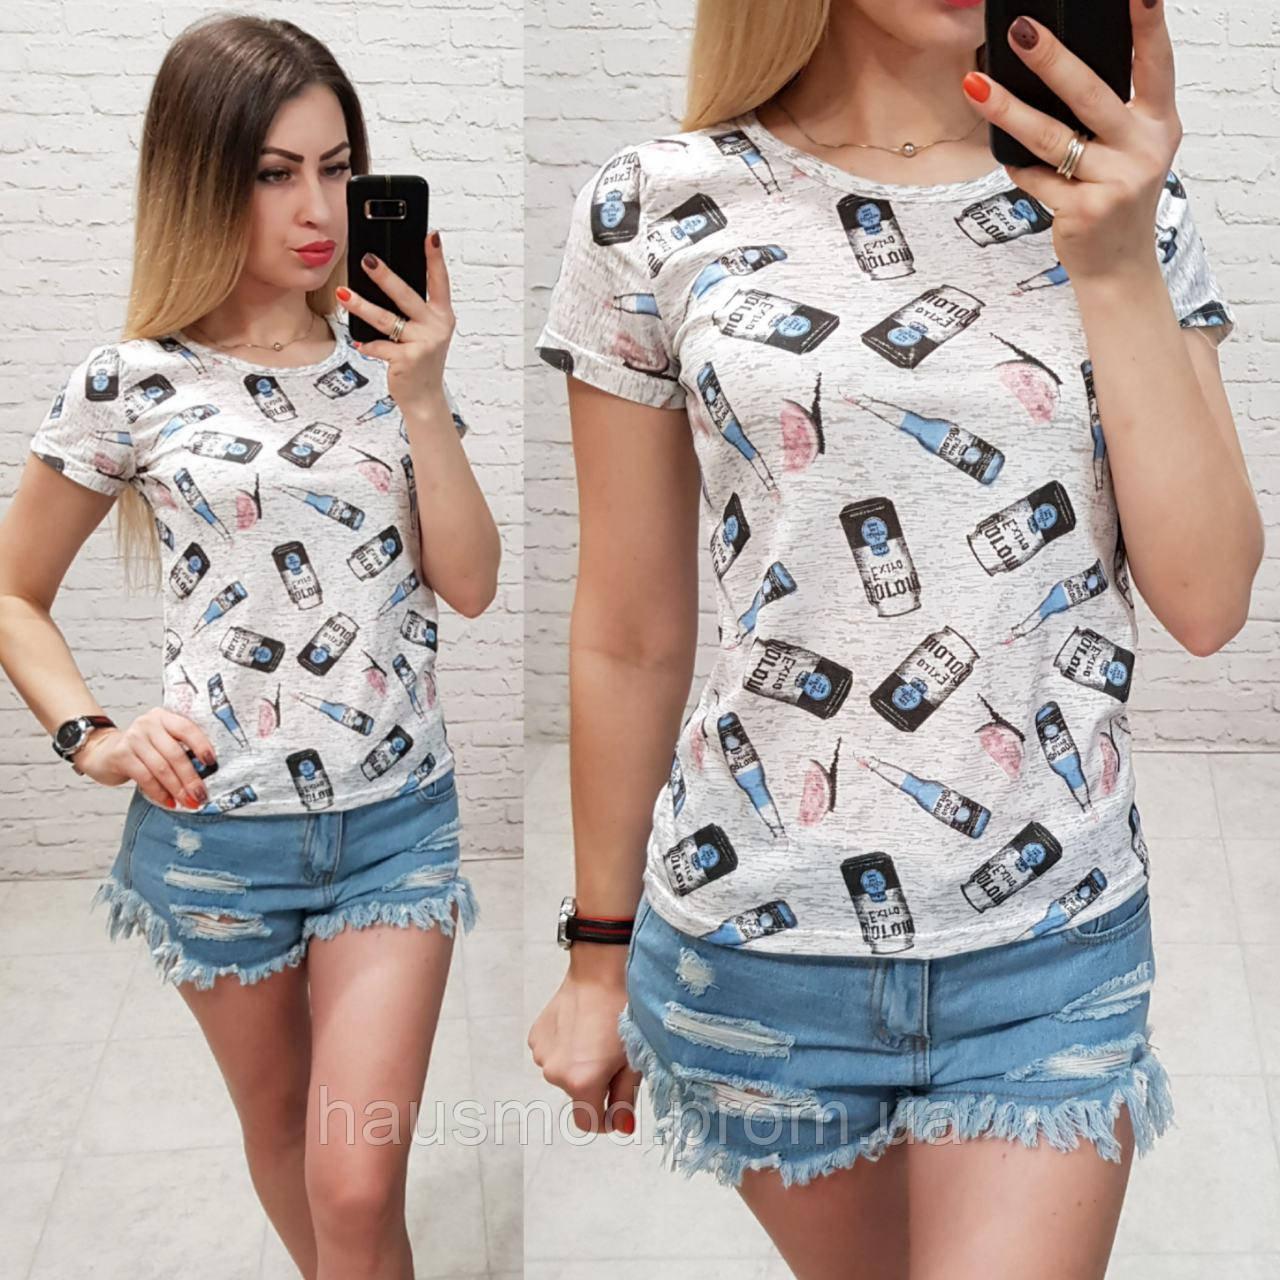 Женская футболка летняя Oversize one size качество турция размер универсал сублимация бутылки цвет серый